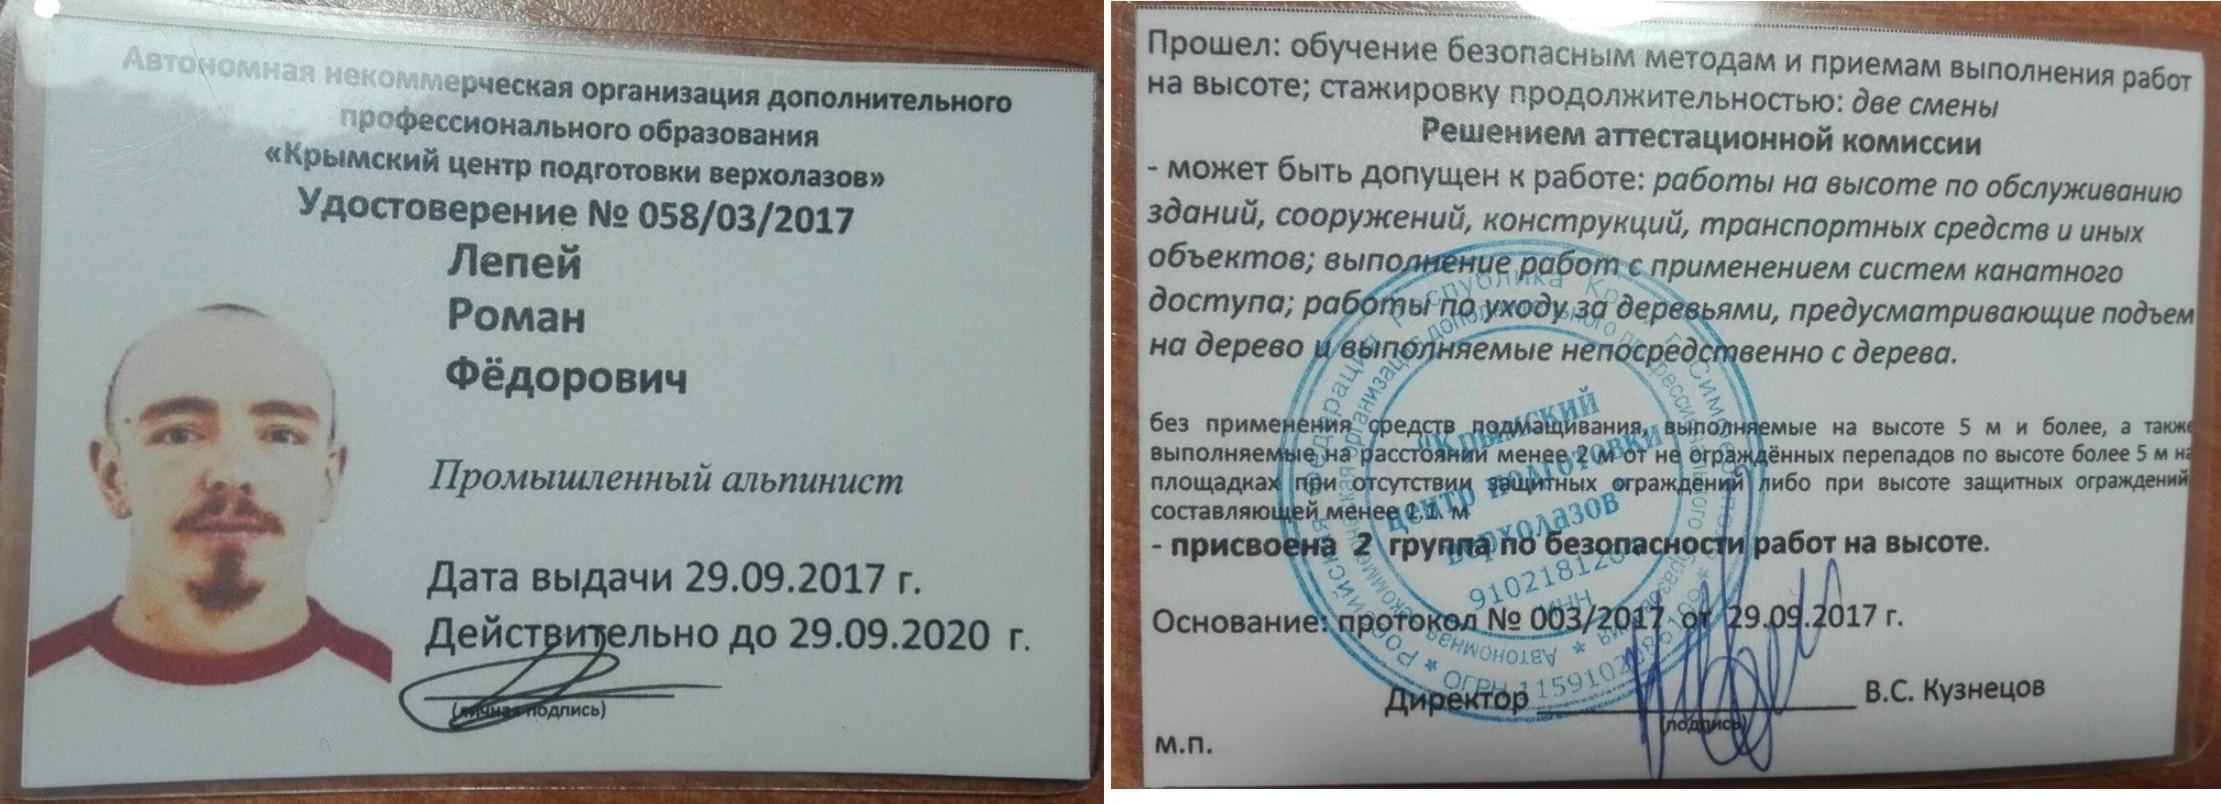 АРБОкрым д3